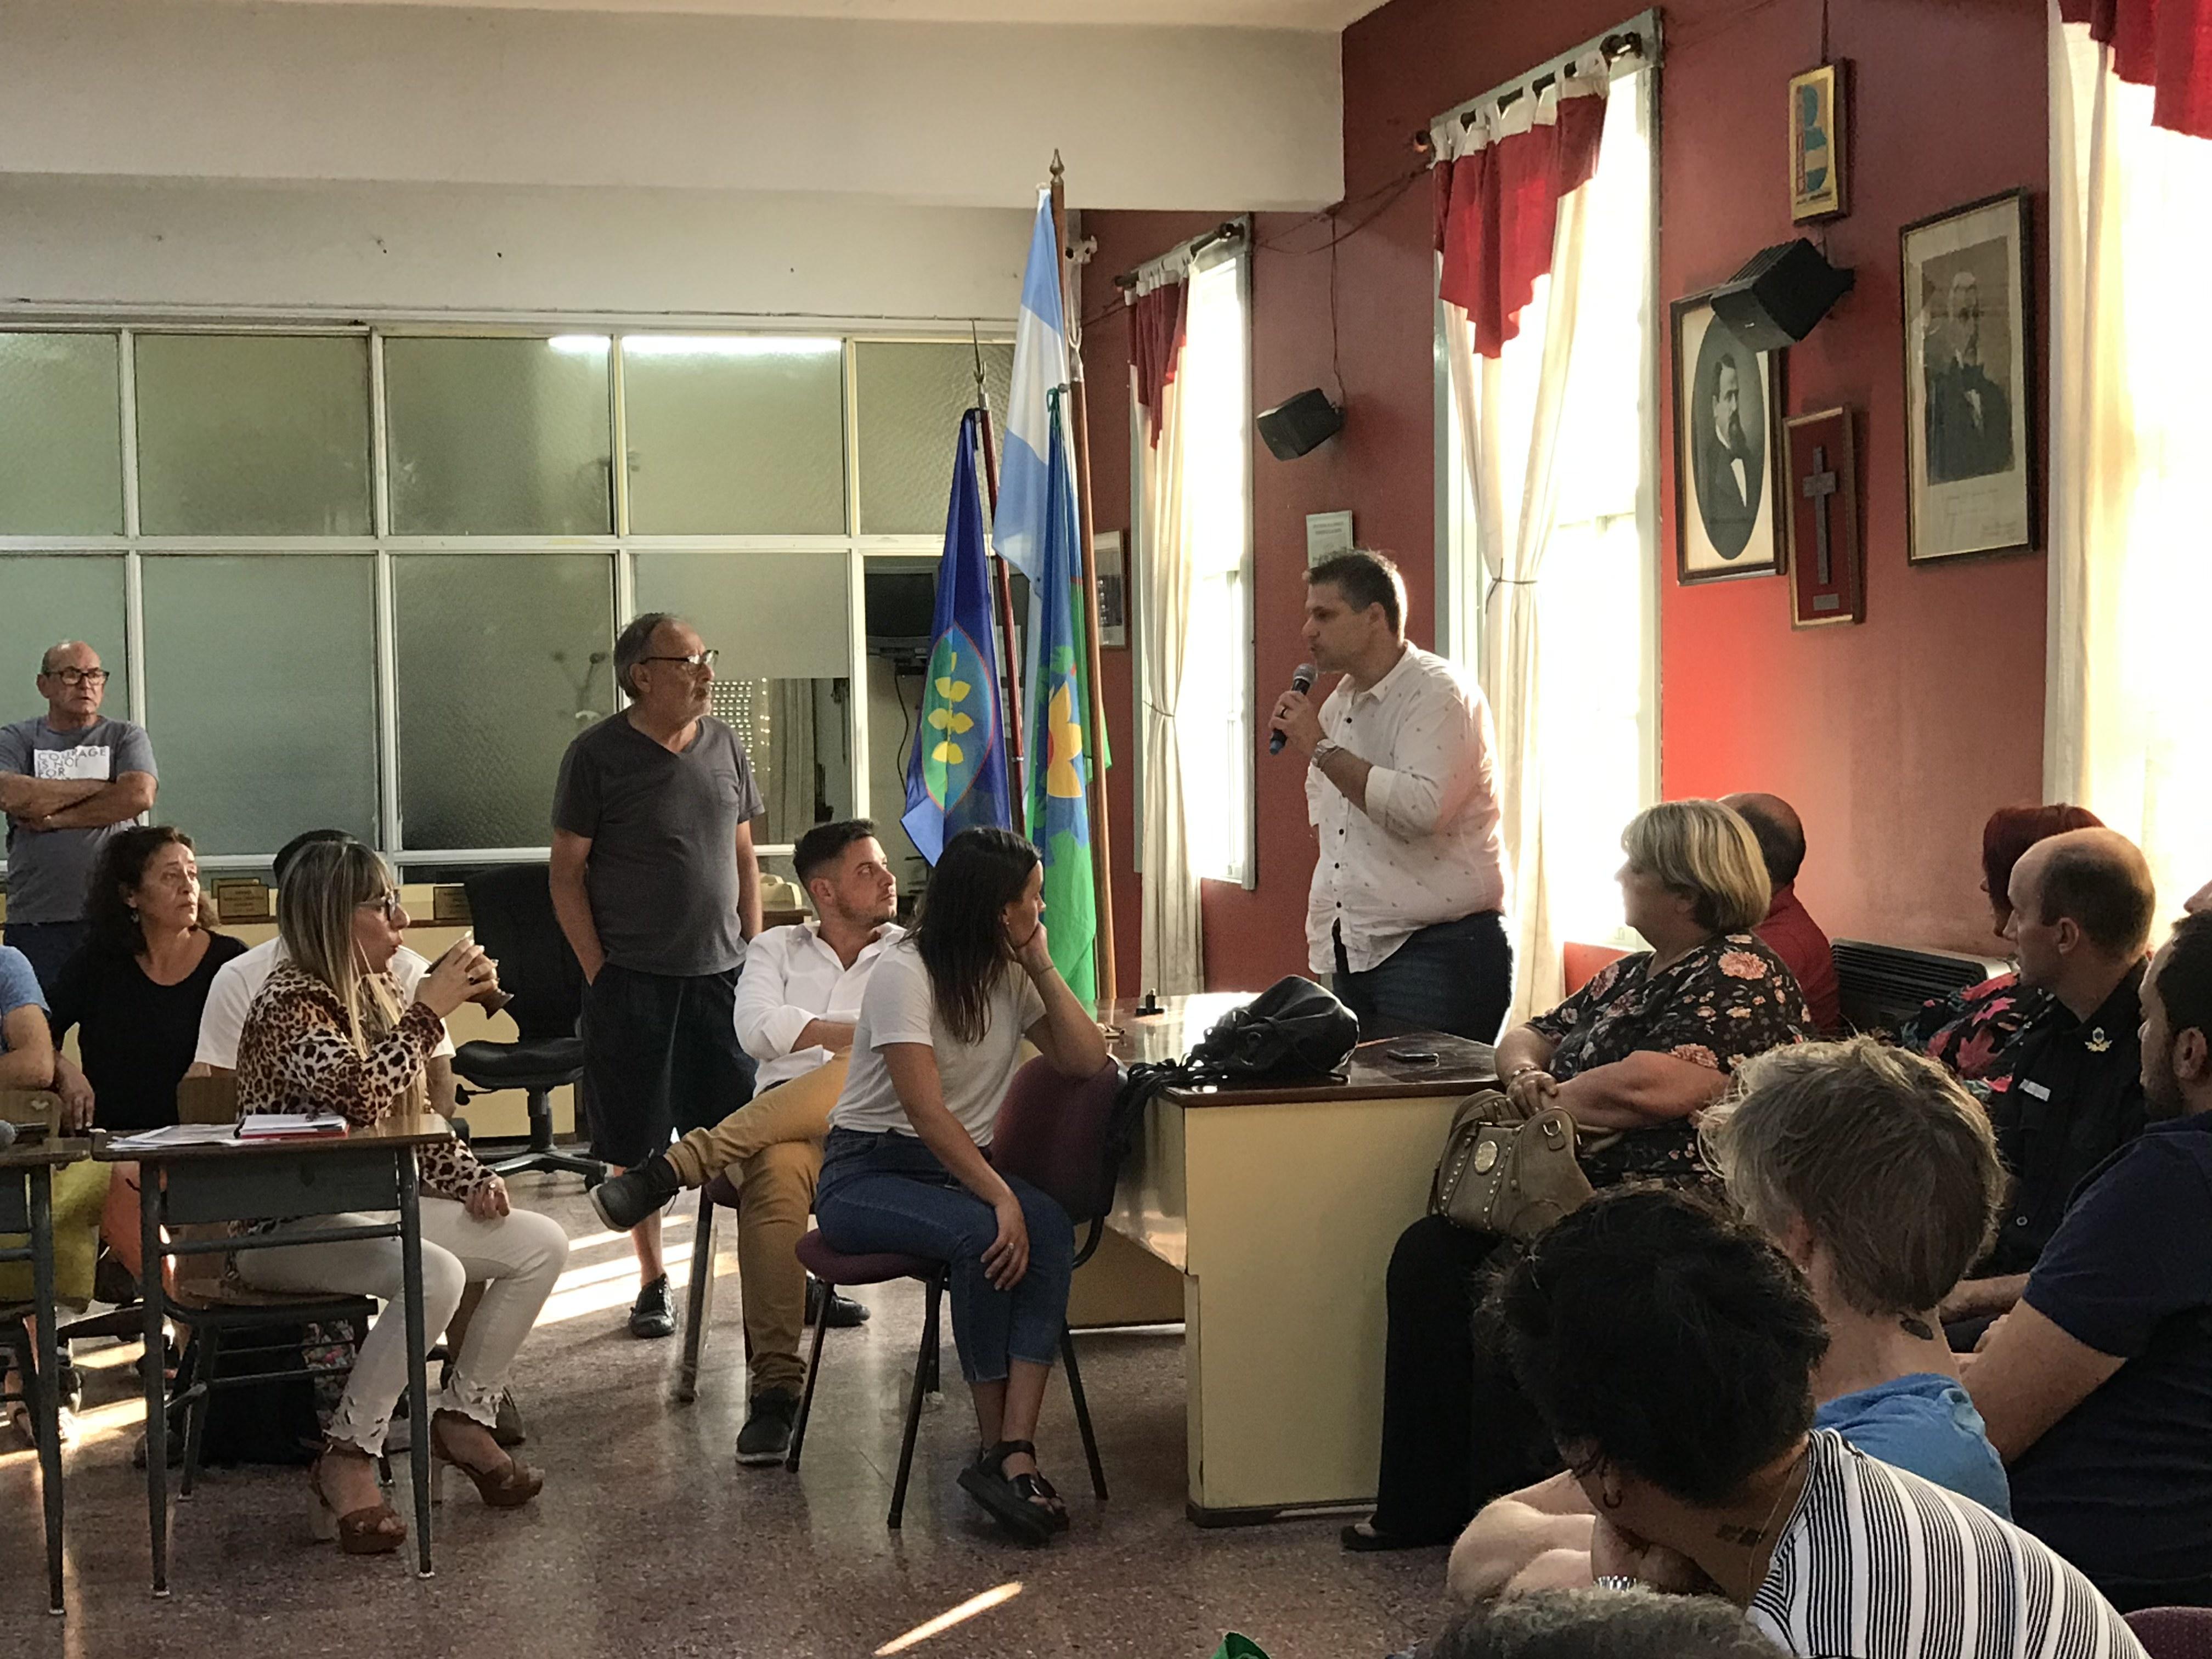 Reunión por nocturnidad: Jóvenes con proyectos y vecinos con disgustos